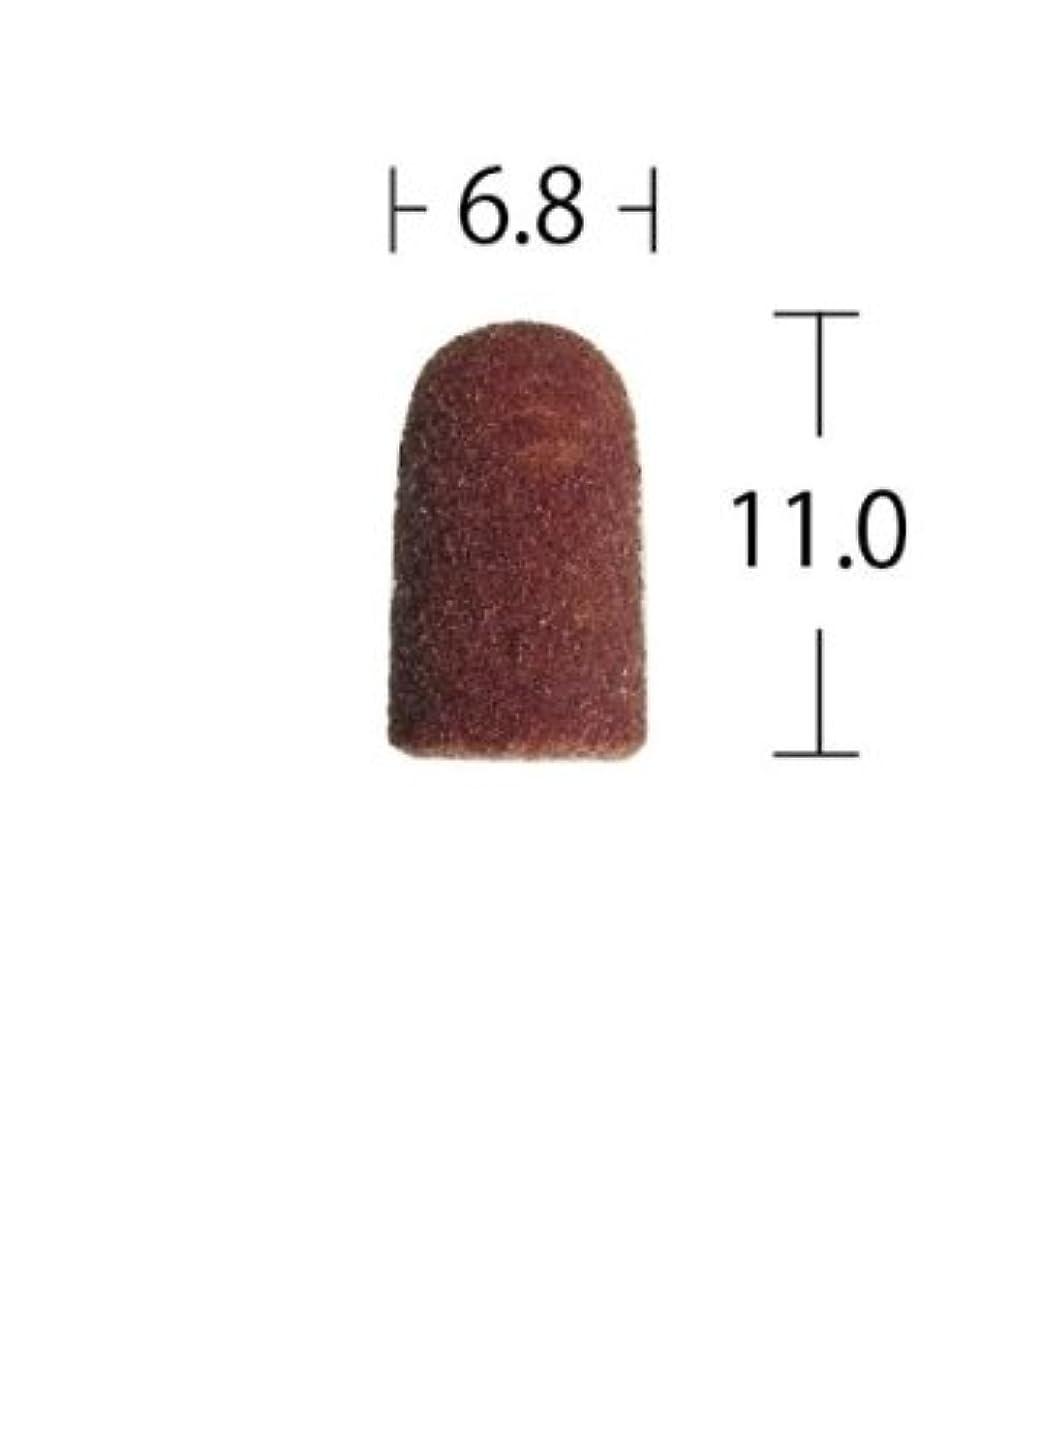 乳白フランクワースリーロゴキャップサンダー 細目#150 b-5F 直径 5mm 3個入